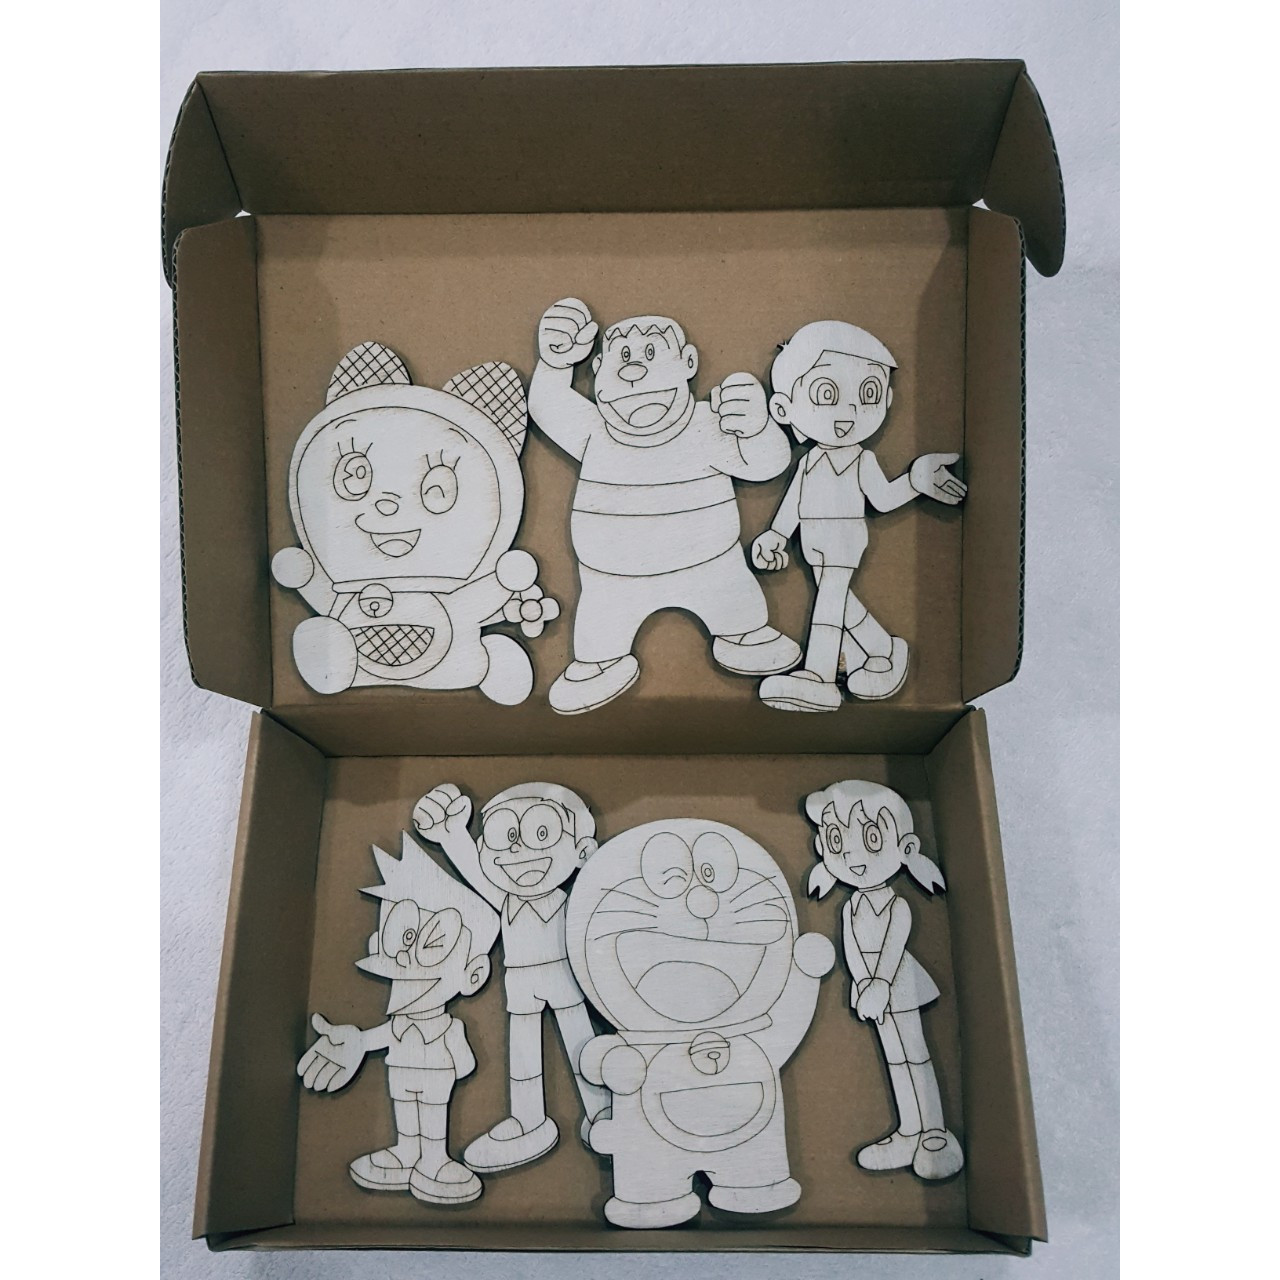 Bộ đồ chơi tô màu Doremon bằng gỗ, quà tặng cho bé sáng tạo (7 miếng)